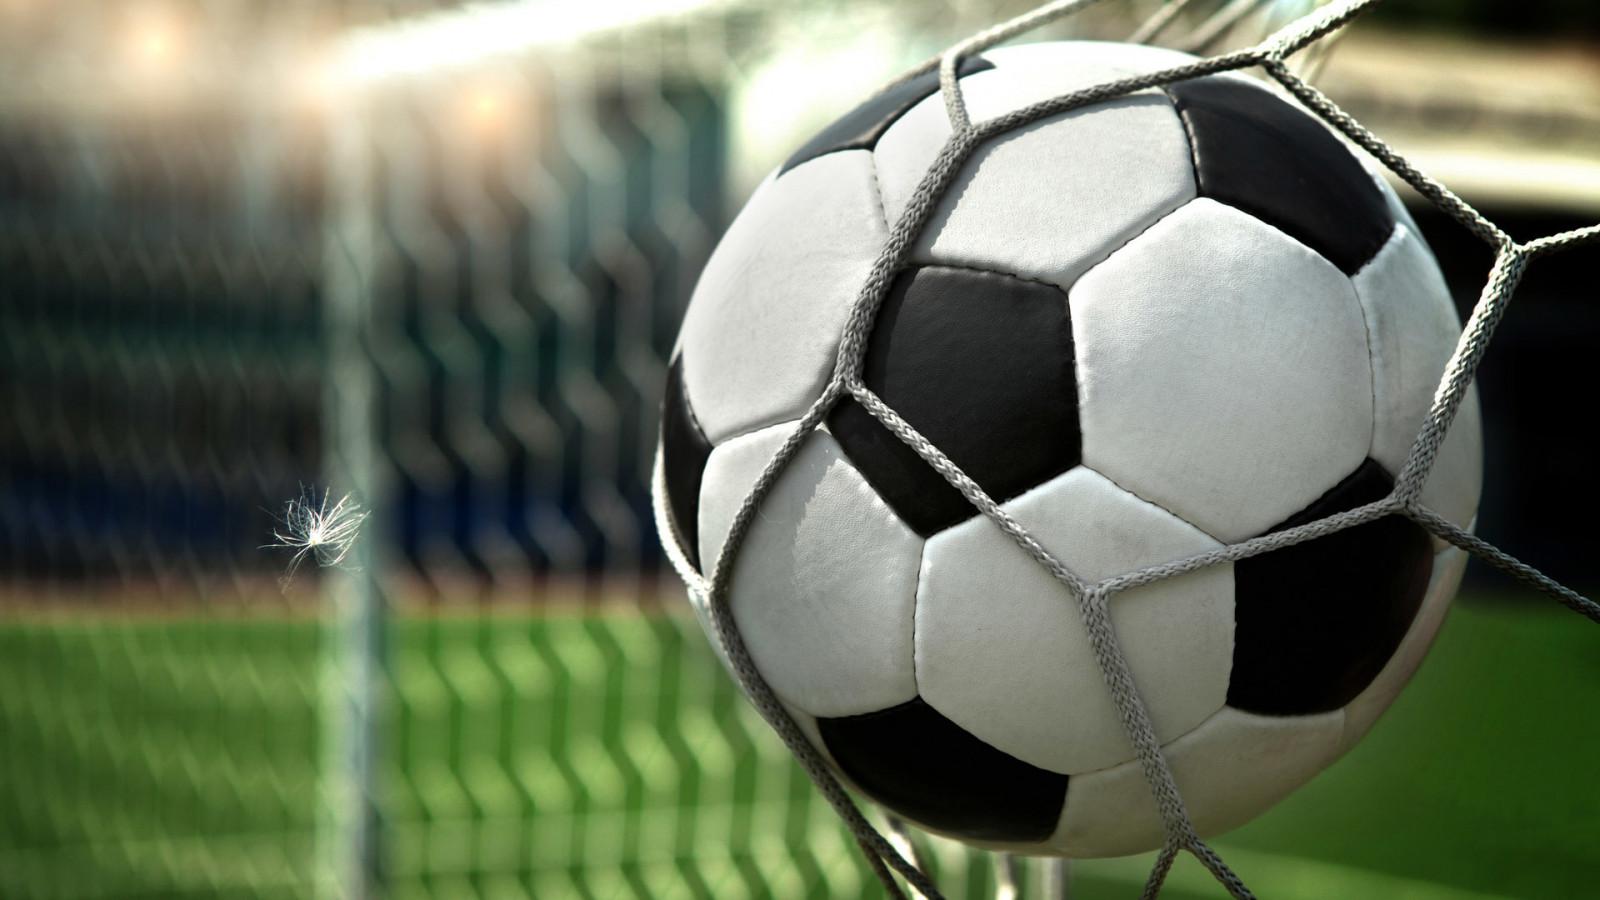 fútbol, pelota, rueda, red, fútbol, malla, jugador, equipo deportivo